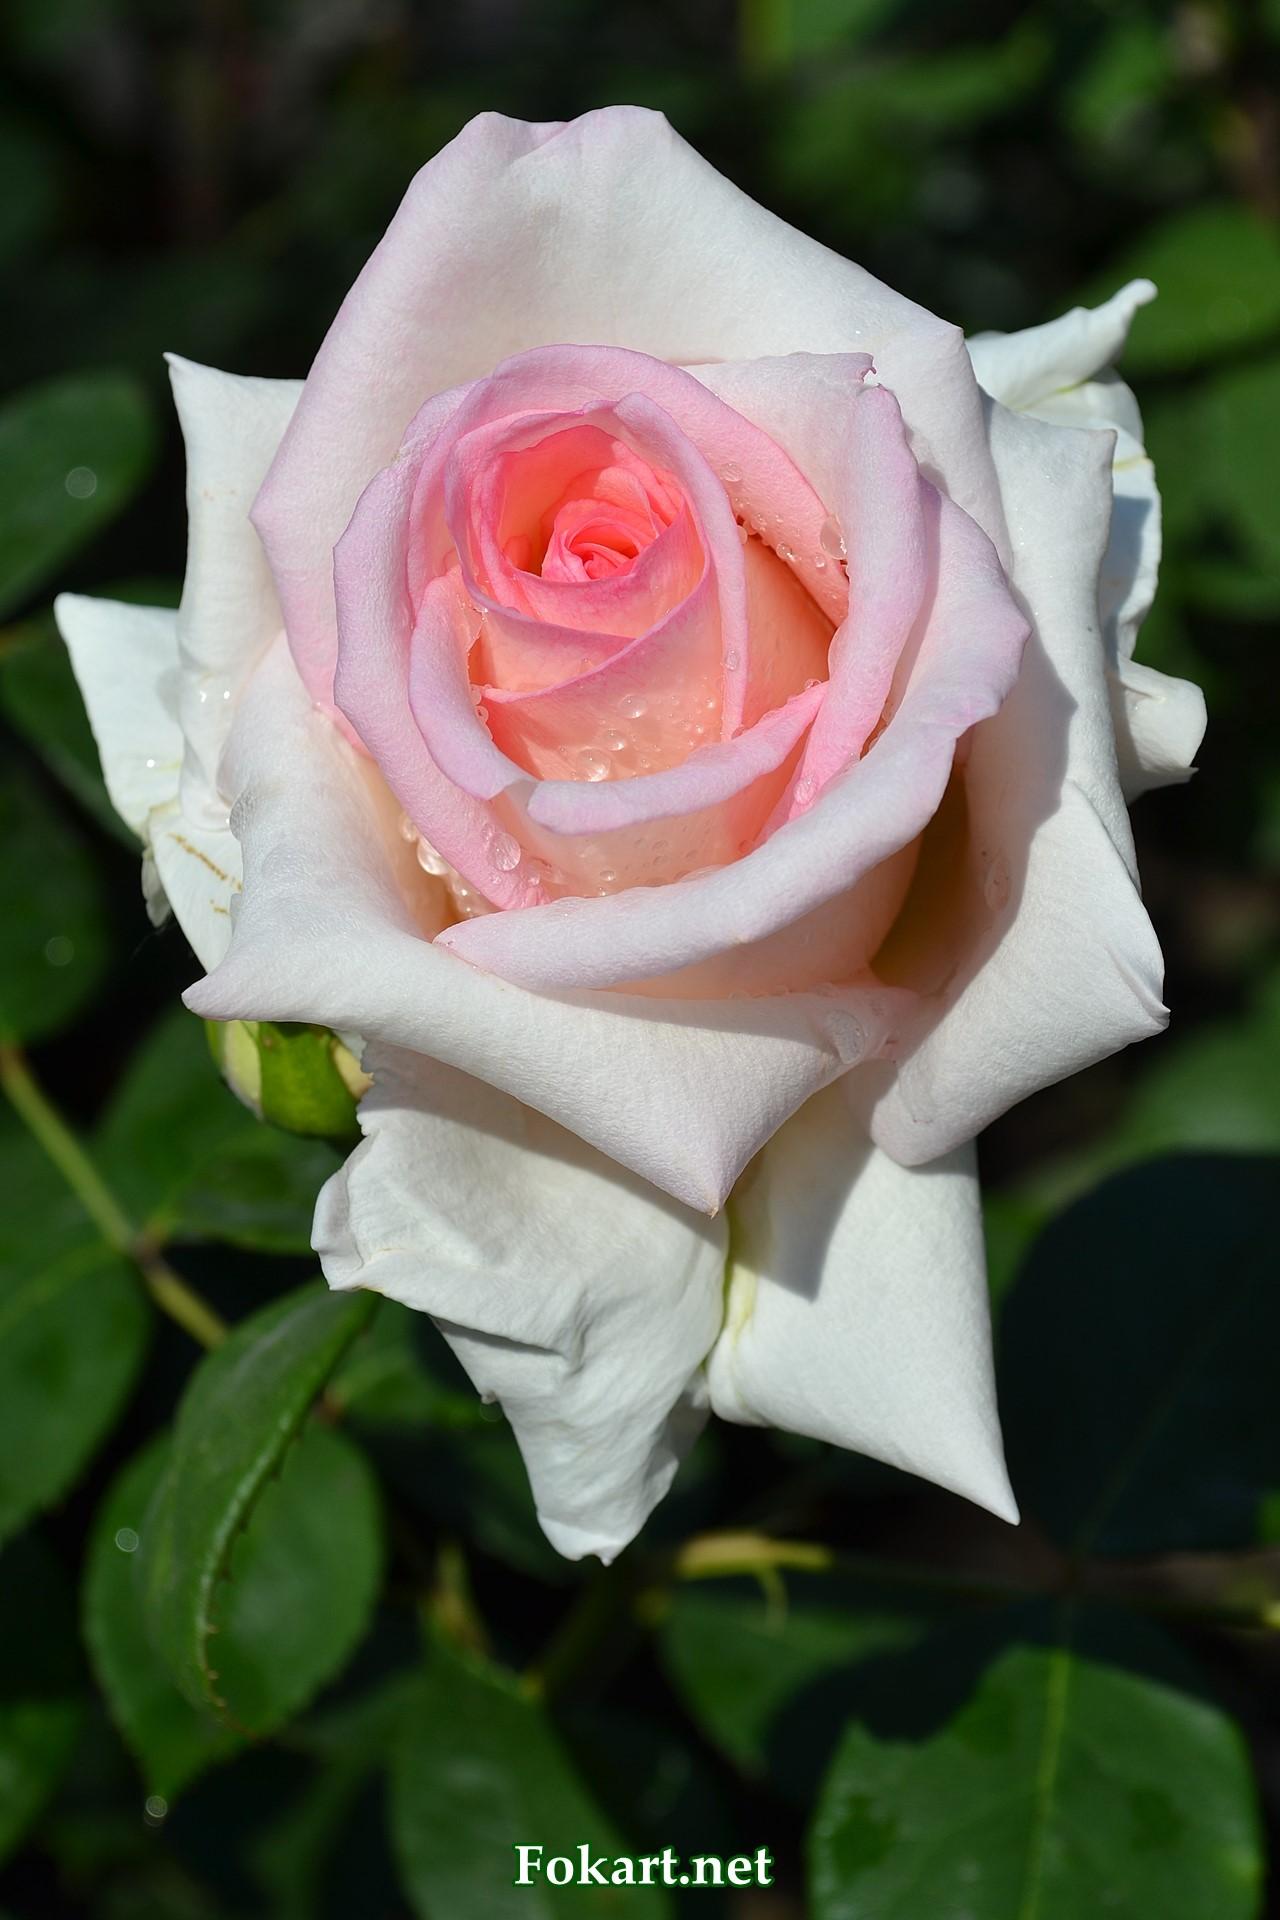 Светлая роза с капельками росы в лучах утреннего солнца